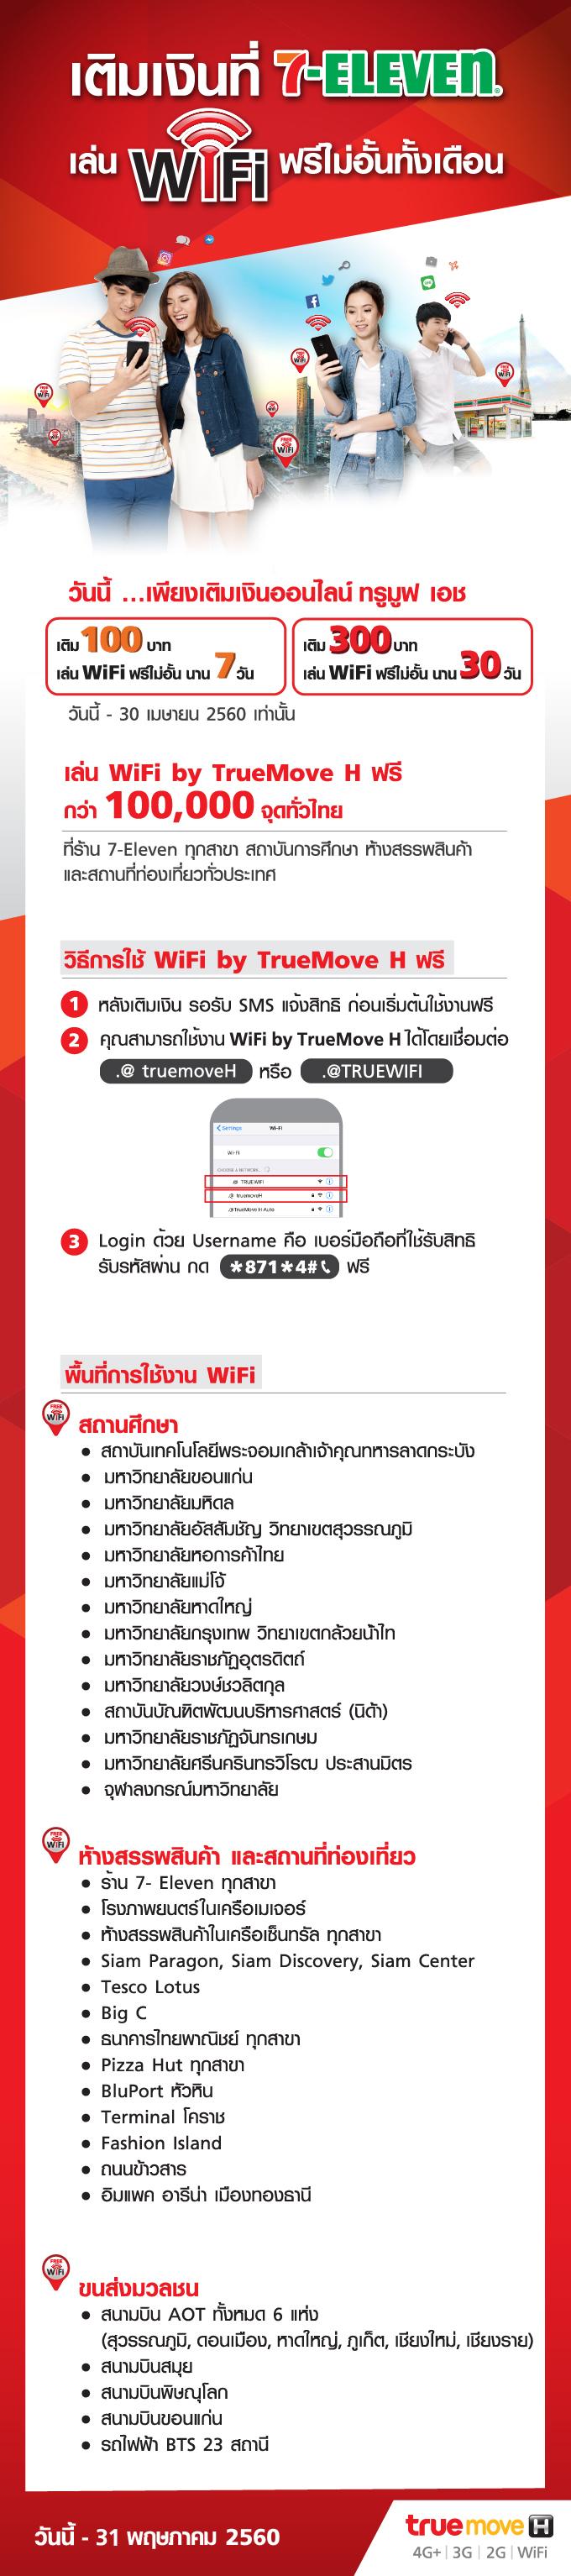 เล่น WiFi ฟรี! ทุกที่ทั่วไทย เมื่อเติมเงินที่ 7-Eleven ลูกค้าทรูมูฟ เอช แบบเติมเงิน รับสิทธิ์เล่น WiFi ฟรีง่ายๆ ทั้งเดือน! เพียงเติมเงินที่ 7-Eleven  วันนี้ - 31 พฤษภาคม 2560